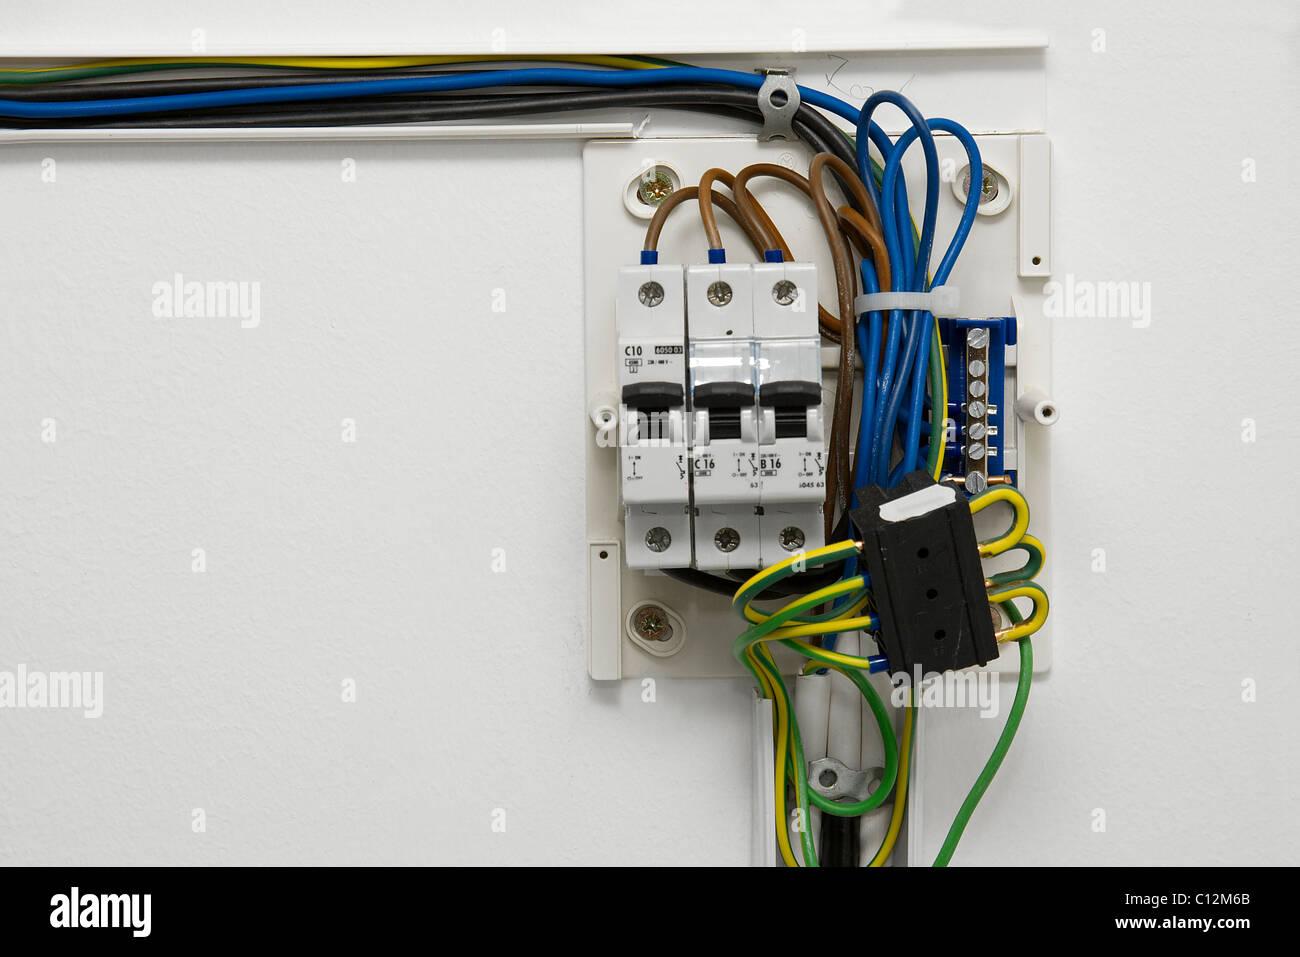 Gemütlich Elektrische Verdrahtung Des Hauses Roter Draht Galerie ...